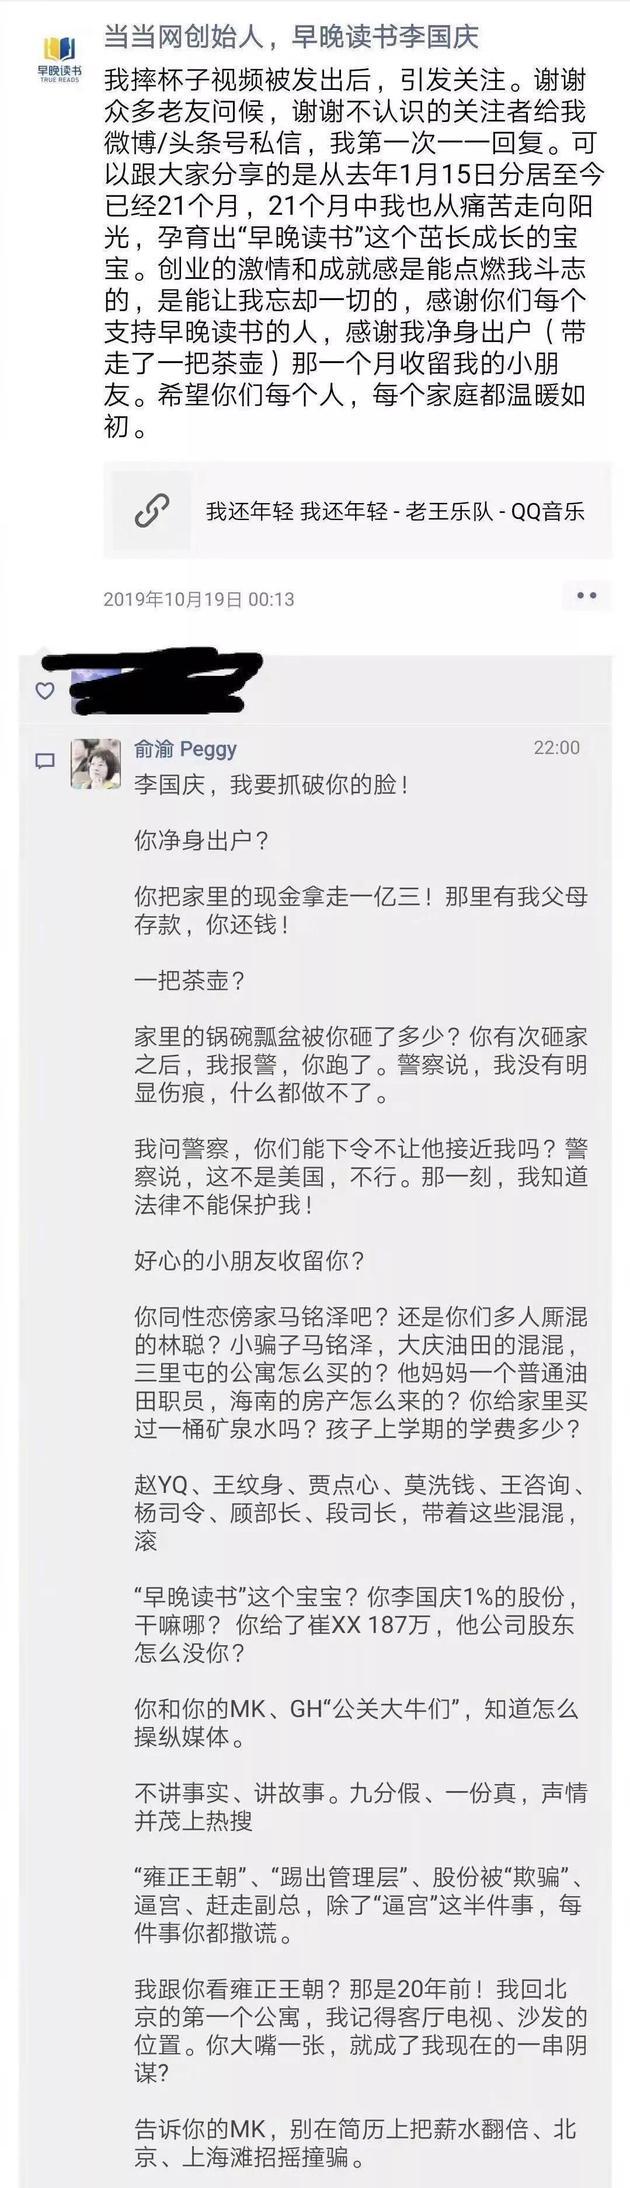 金门国际平台·游知道丨旅居芬兰大熊猫与公众见面 四川首届乡村艺术展将延期至本周末